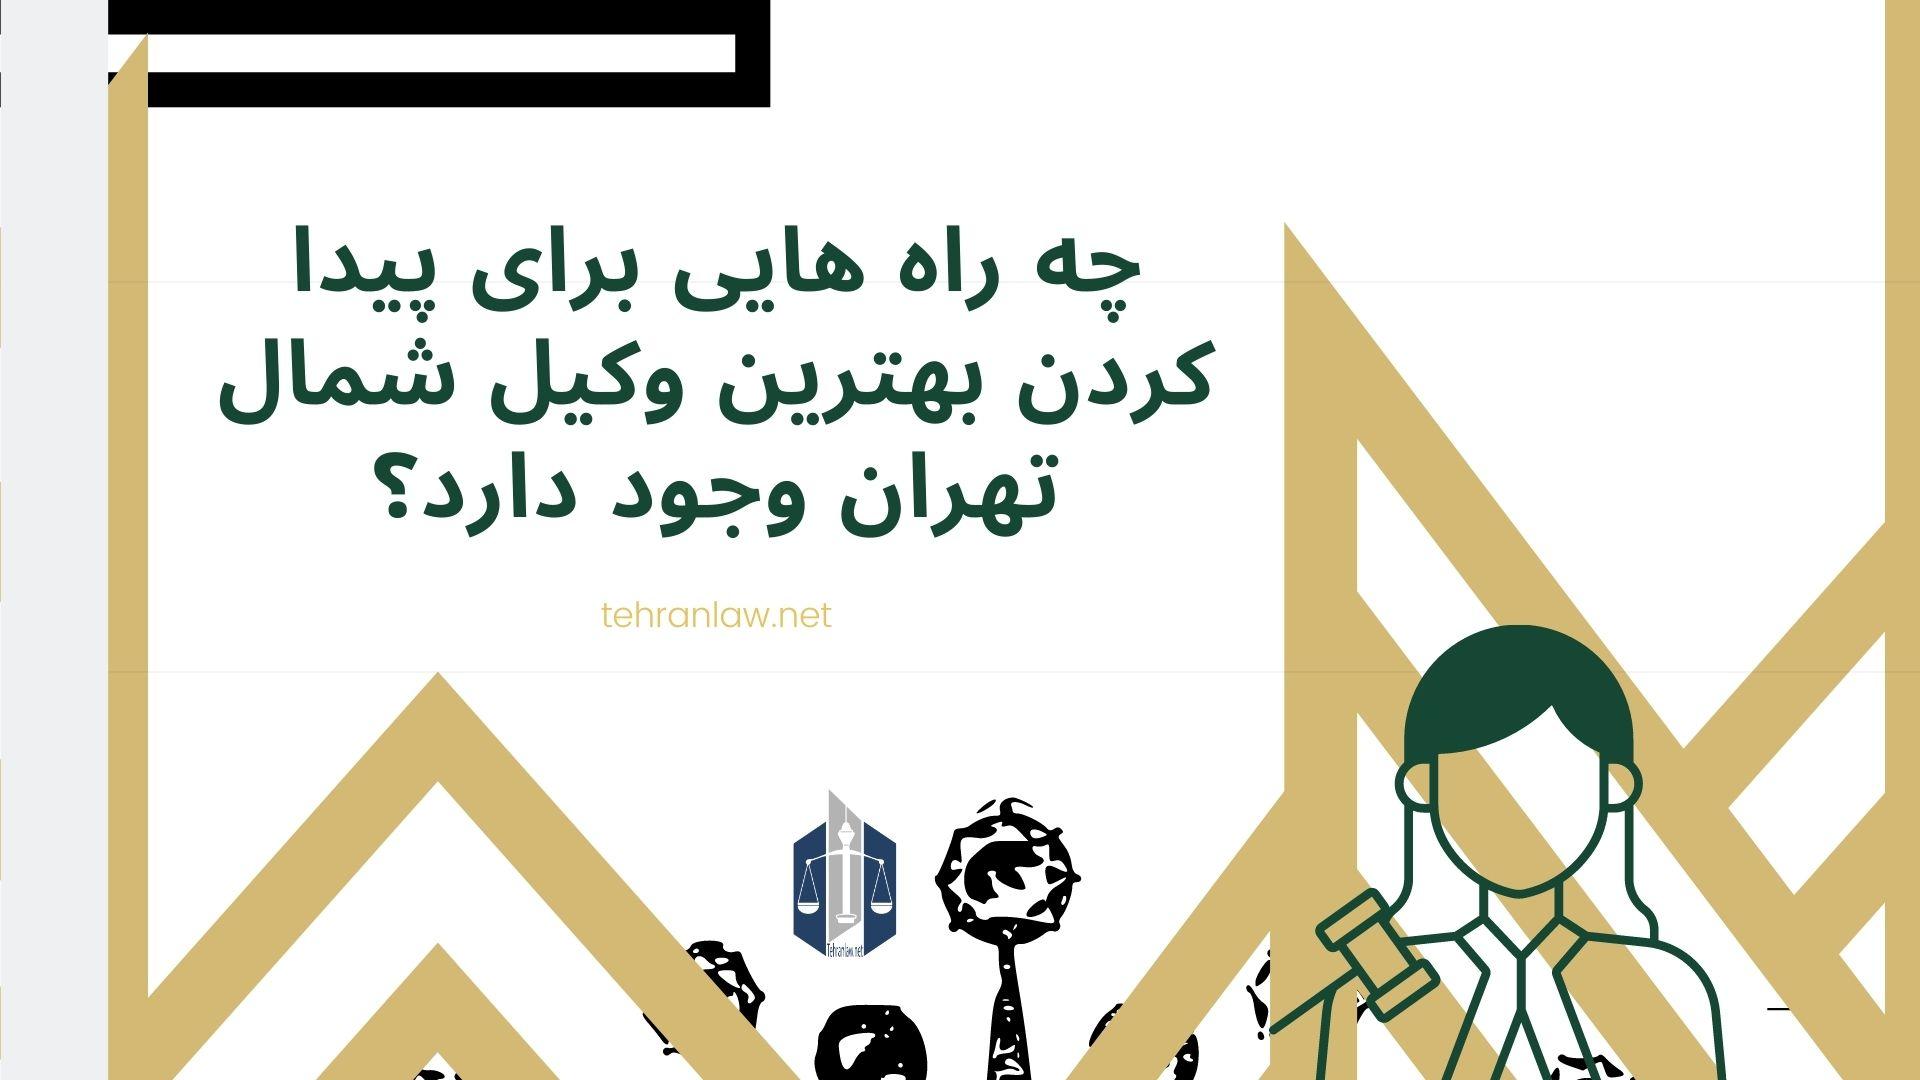 چه راه هایی برای پیدا کردن بهترین وکیل شمال تهران وجود دارد؟